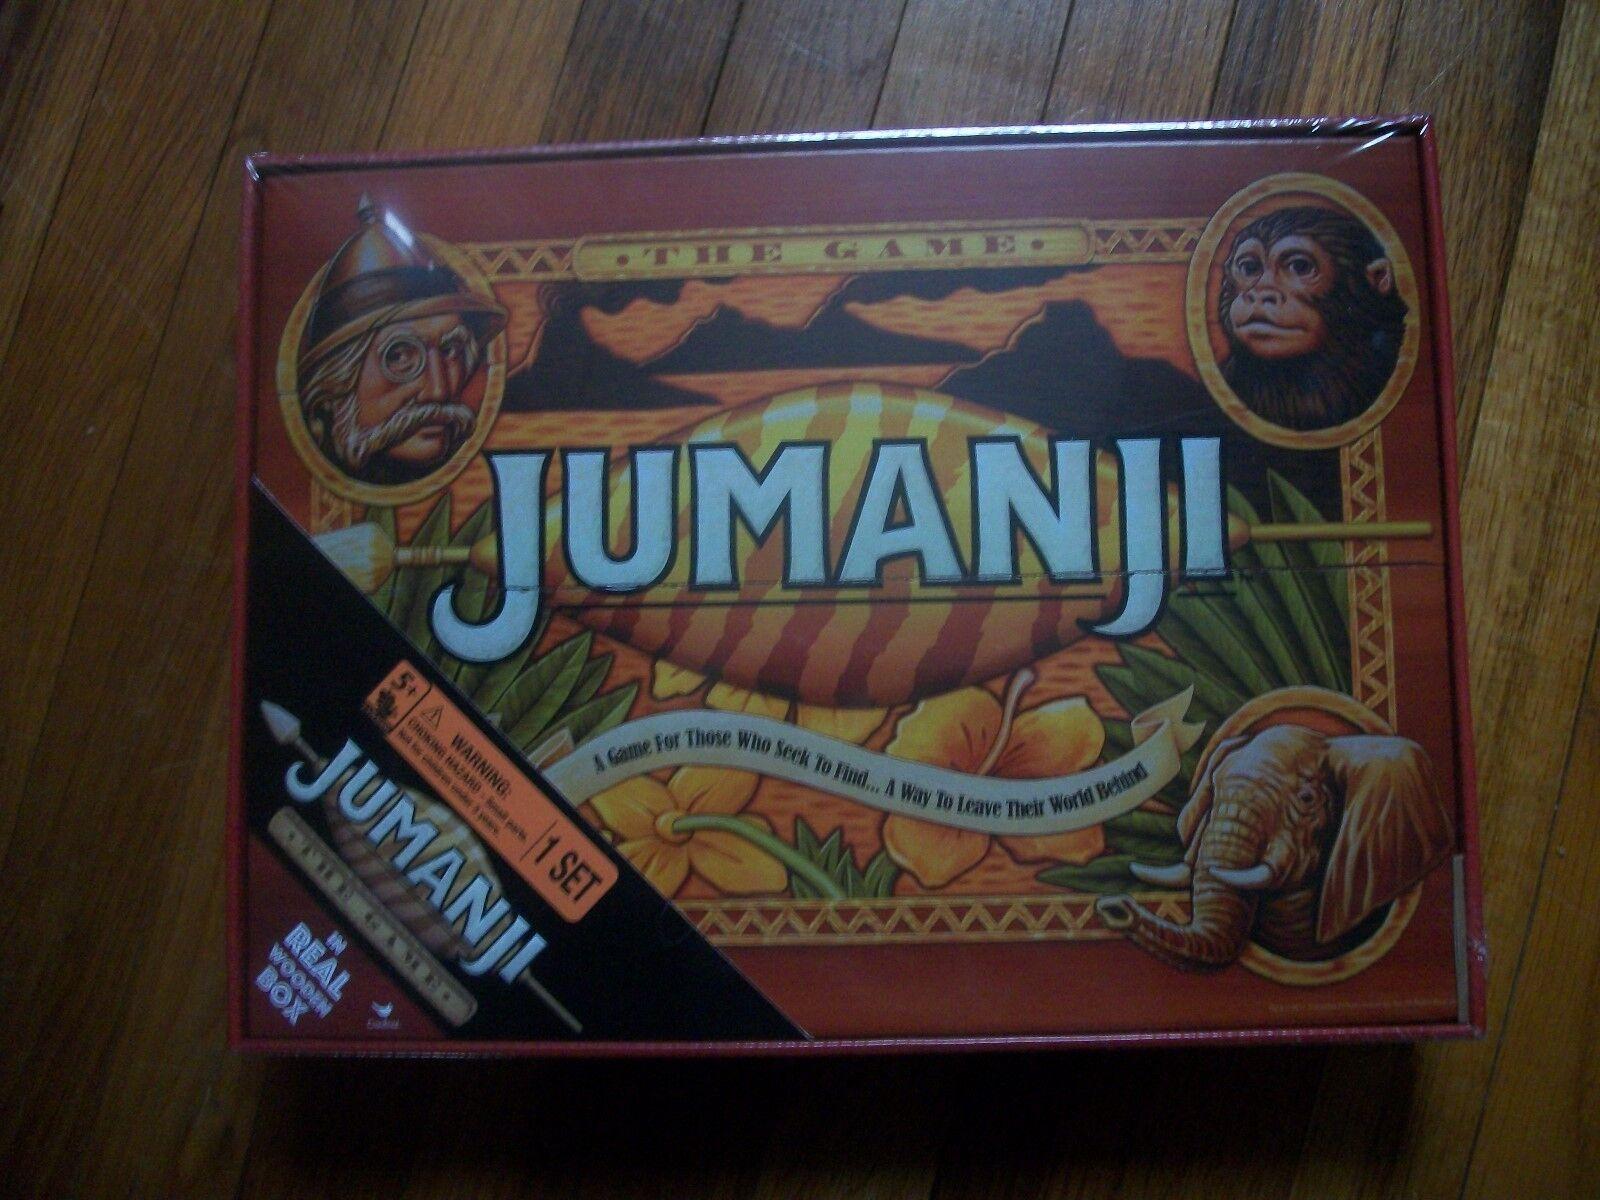 Jumanji boaard spiel - versiegelten mint zustand.von kardinal spiele